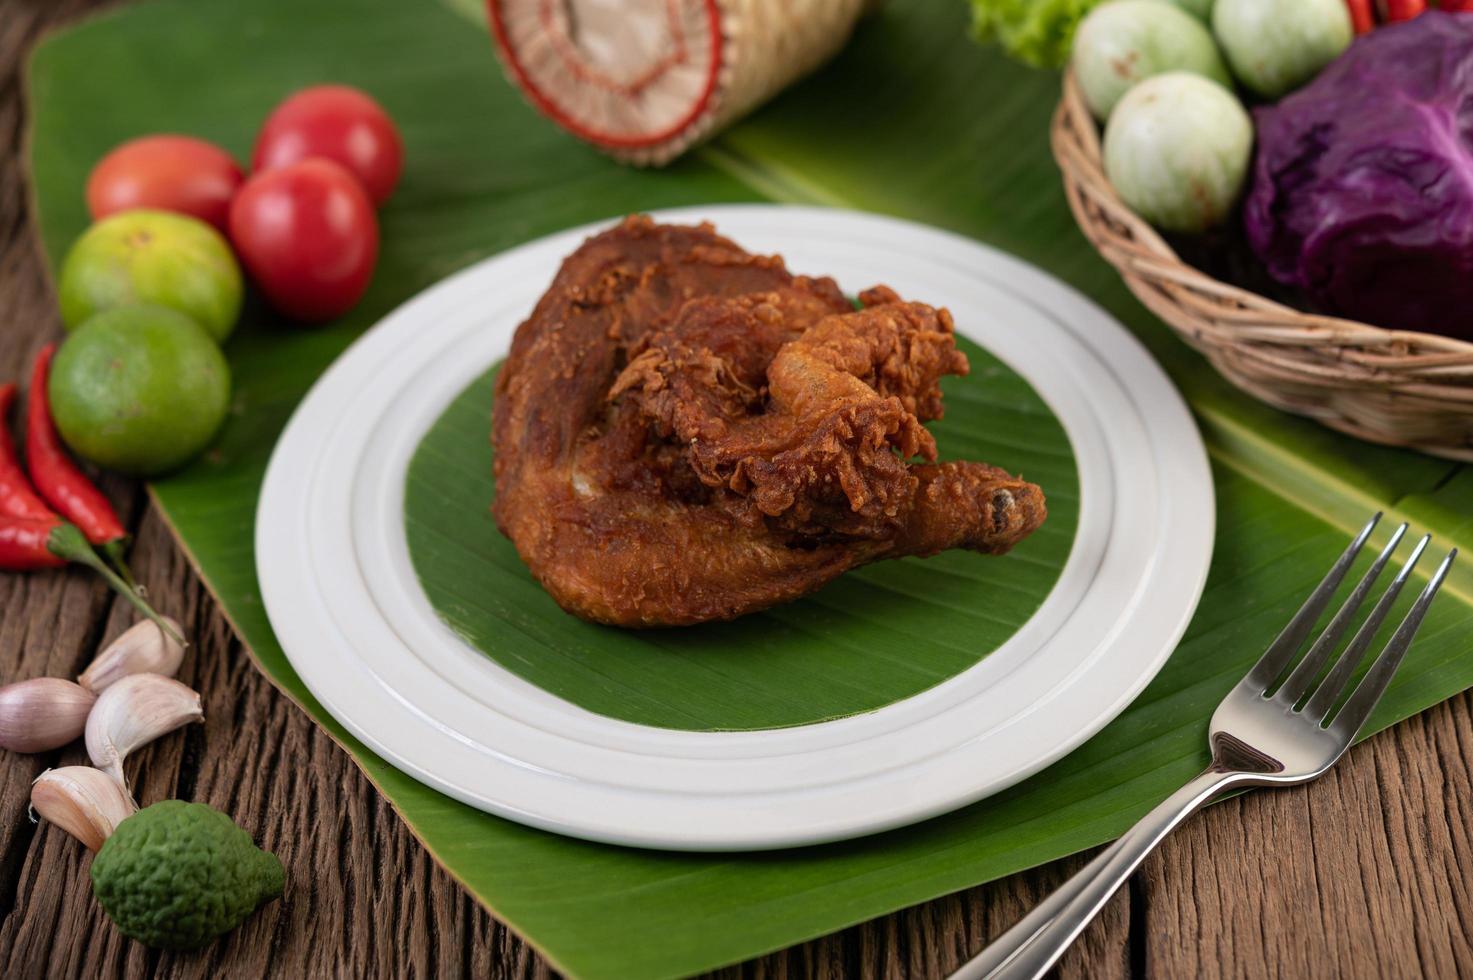 muslos de pollo frito foto